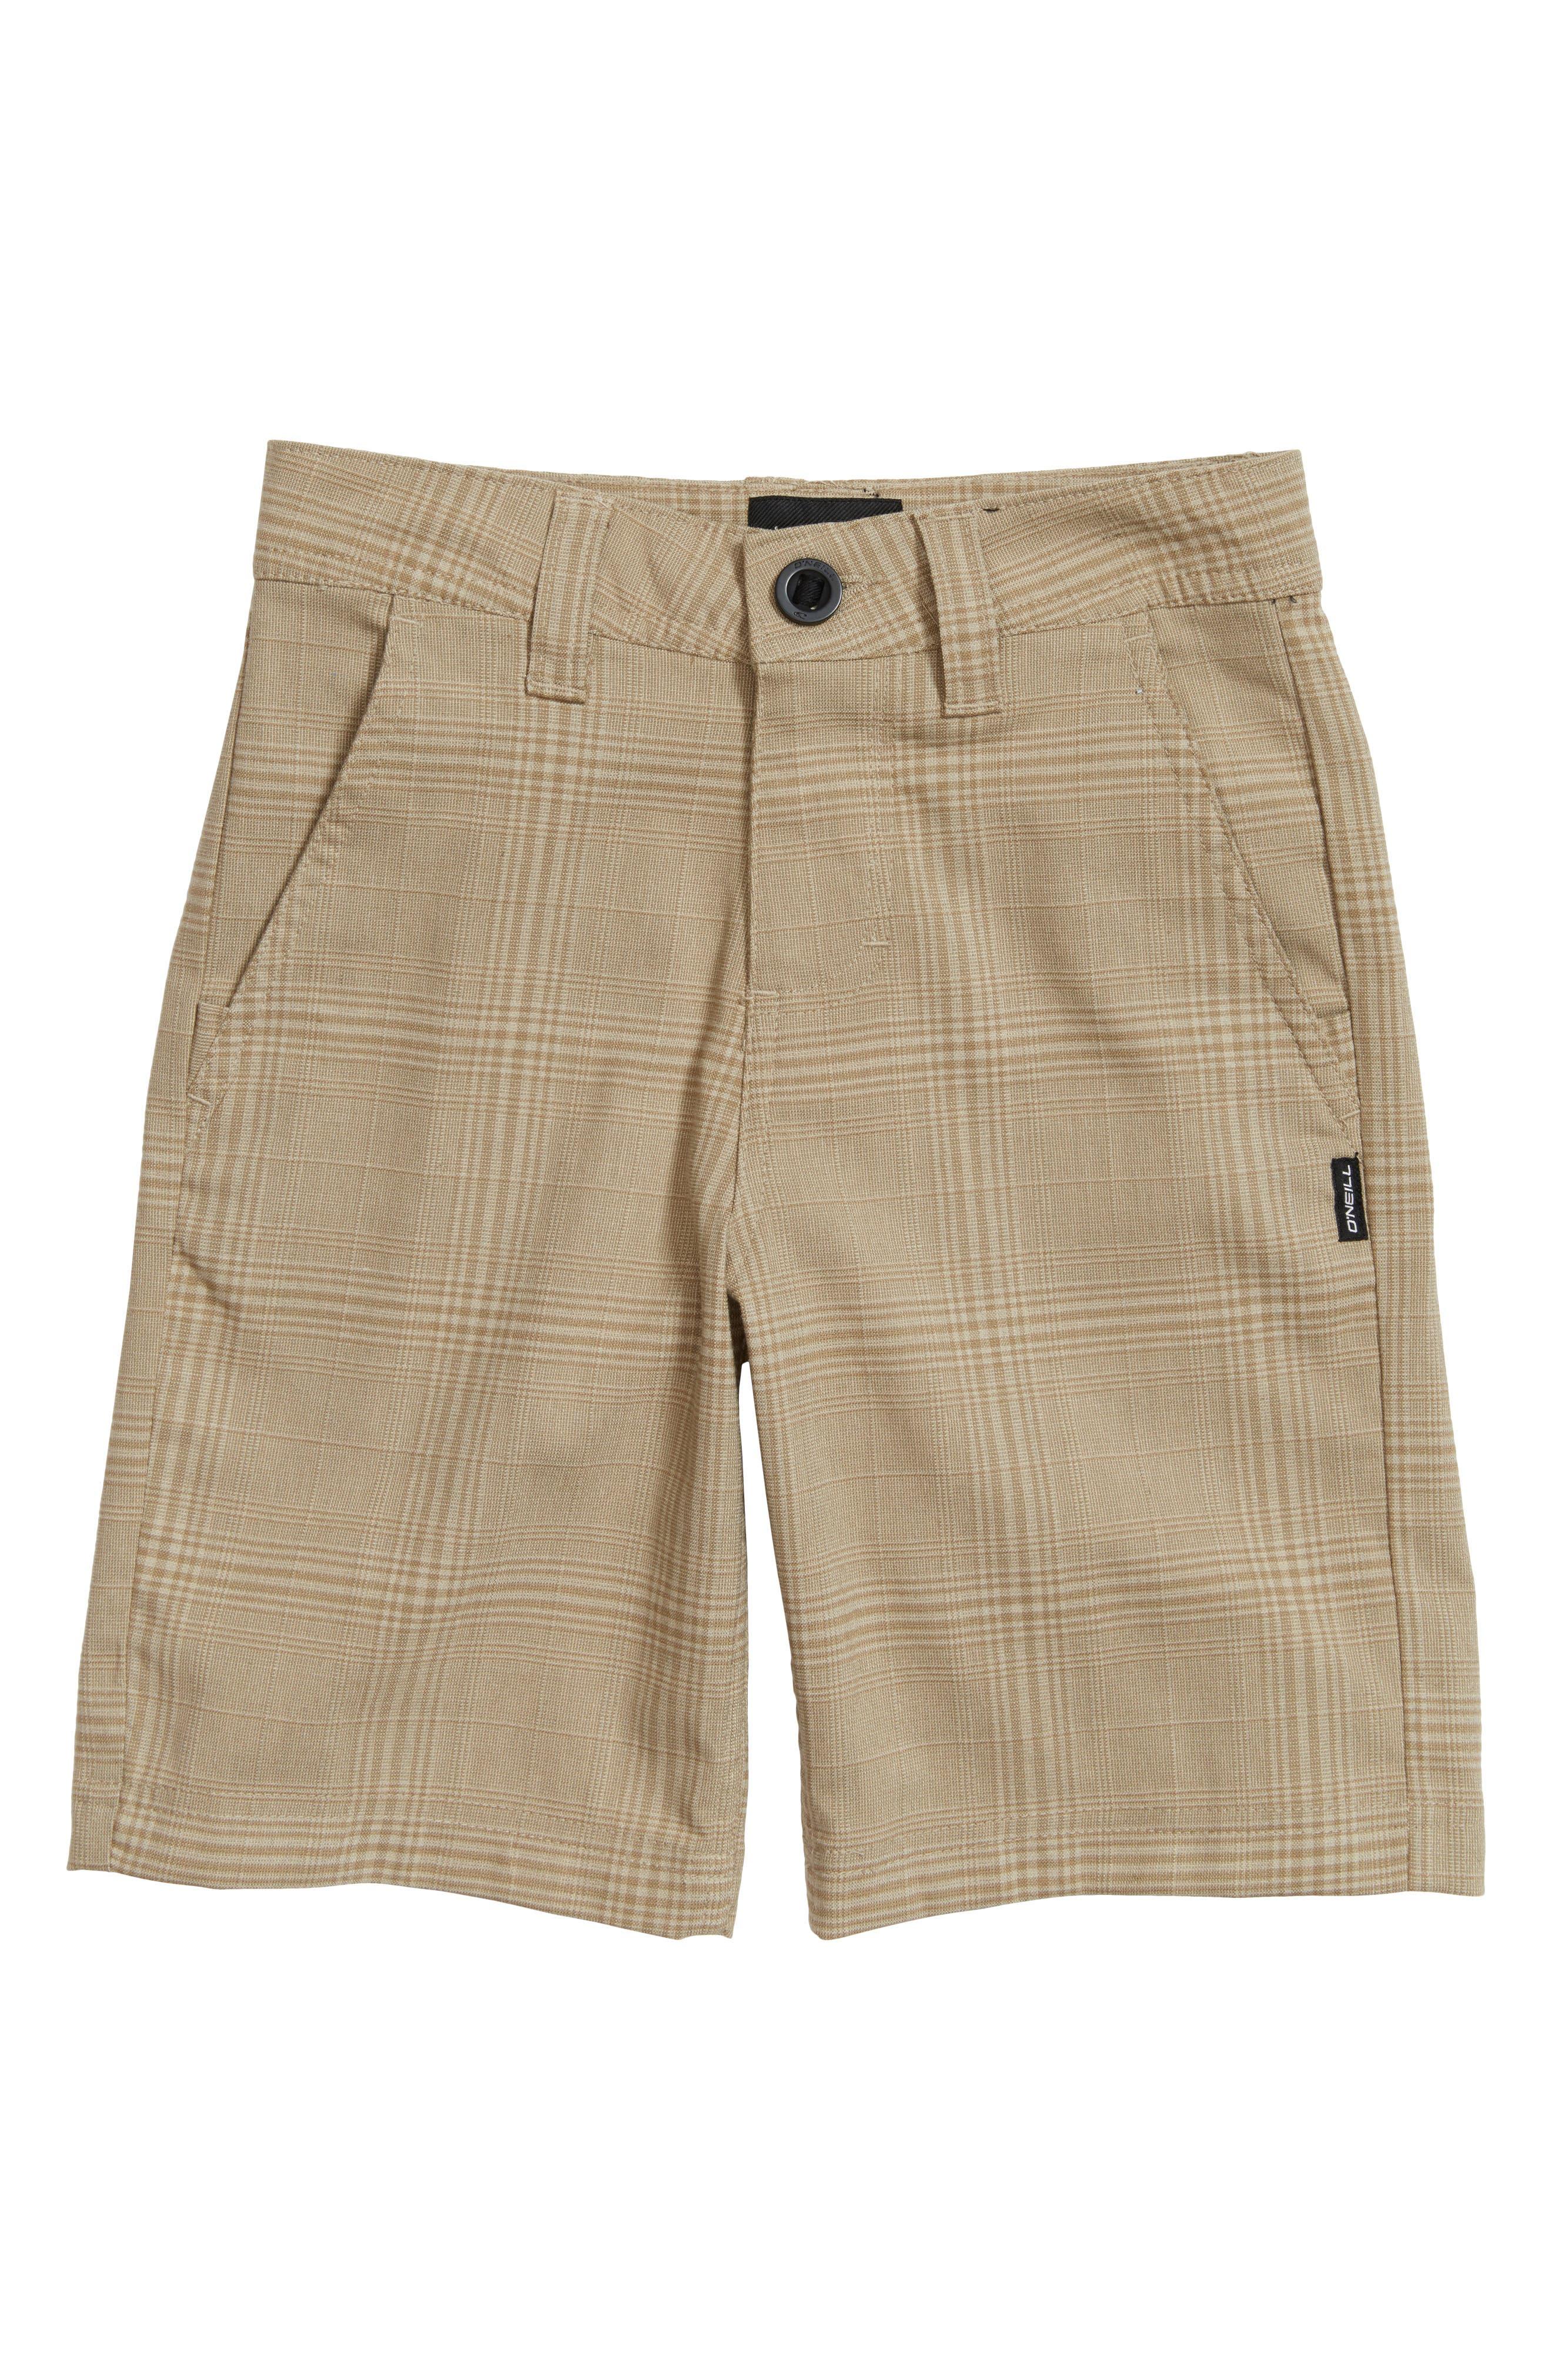 Bristol Plaid Shorts,                         Main,                         color, Khaki